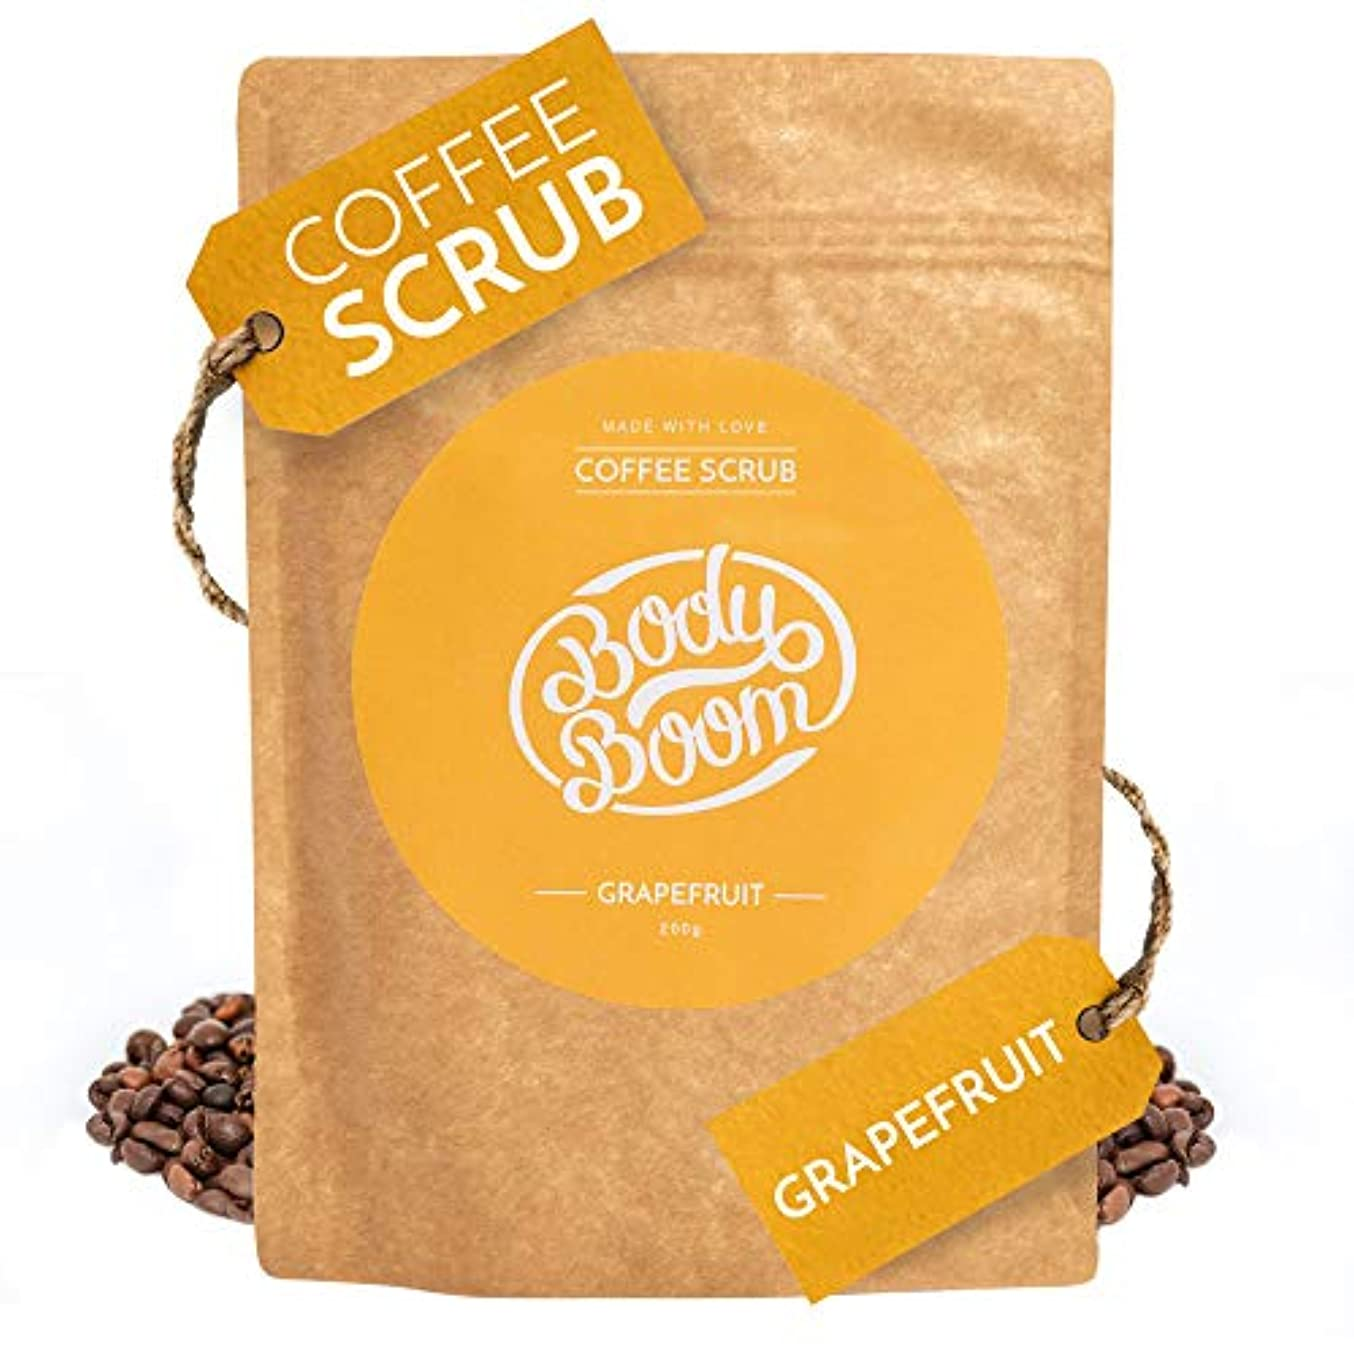 定規ではごきげんよう宿命コーヒースクラブ Body Boom ボディブーム グレープフルーツ 200g